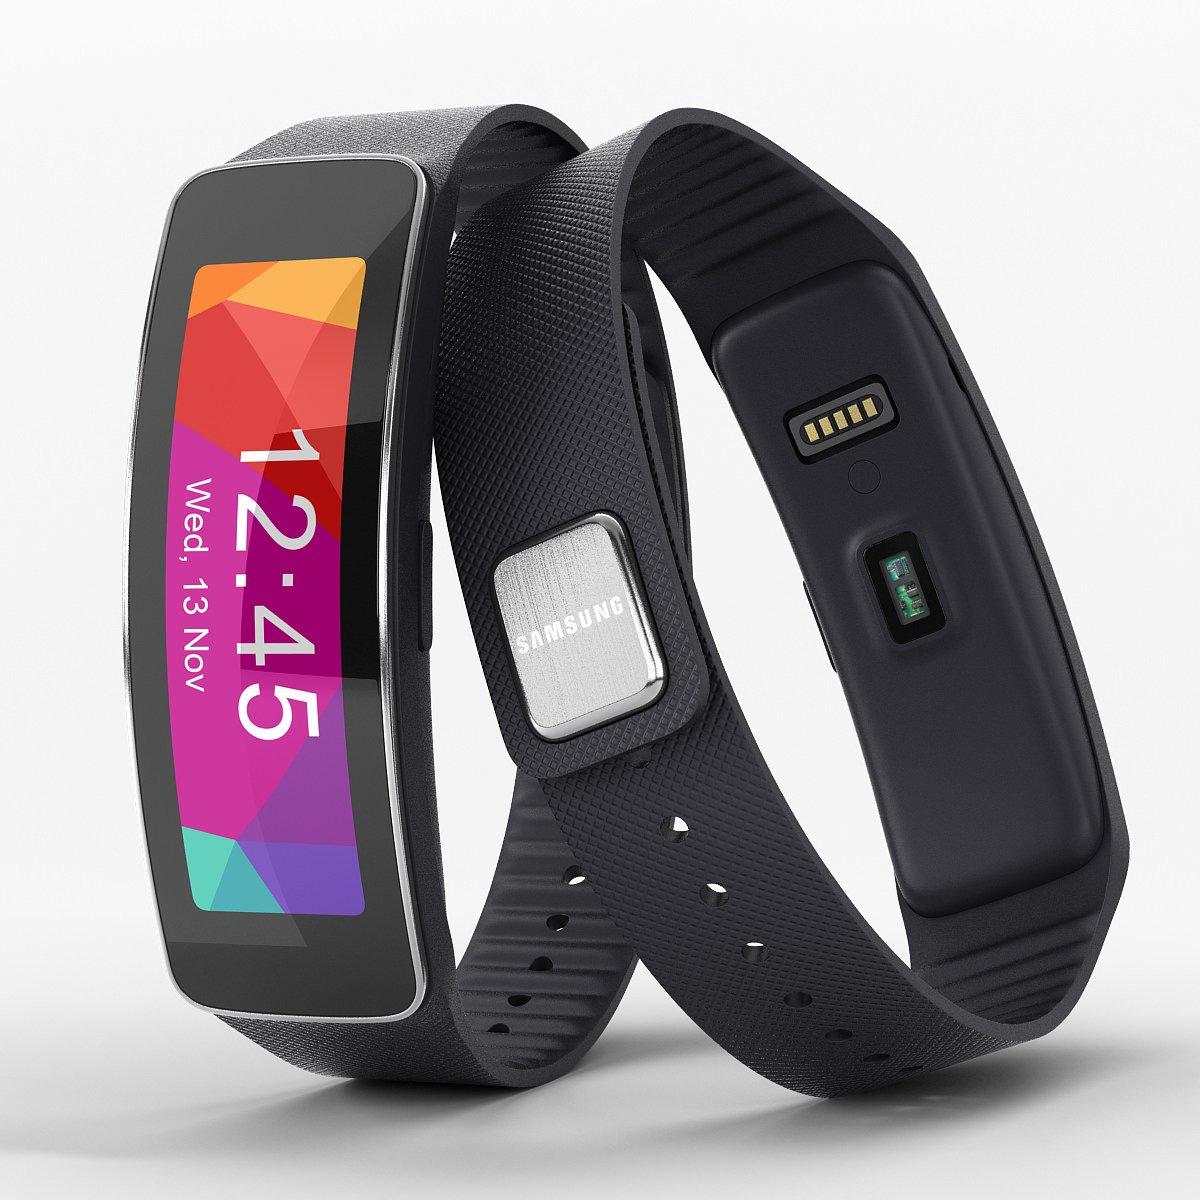 Samsung Galaxy Gear Fit Montre connectée SM-R350, Noir (Import Asia): Amazon.fr: High-tech